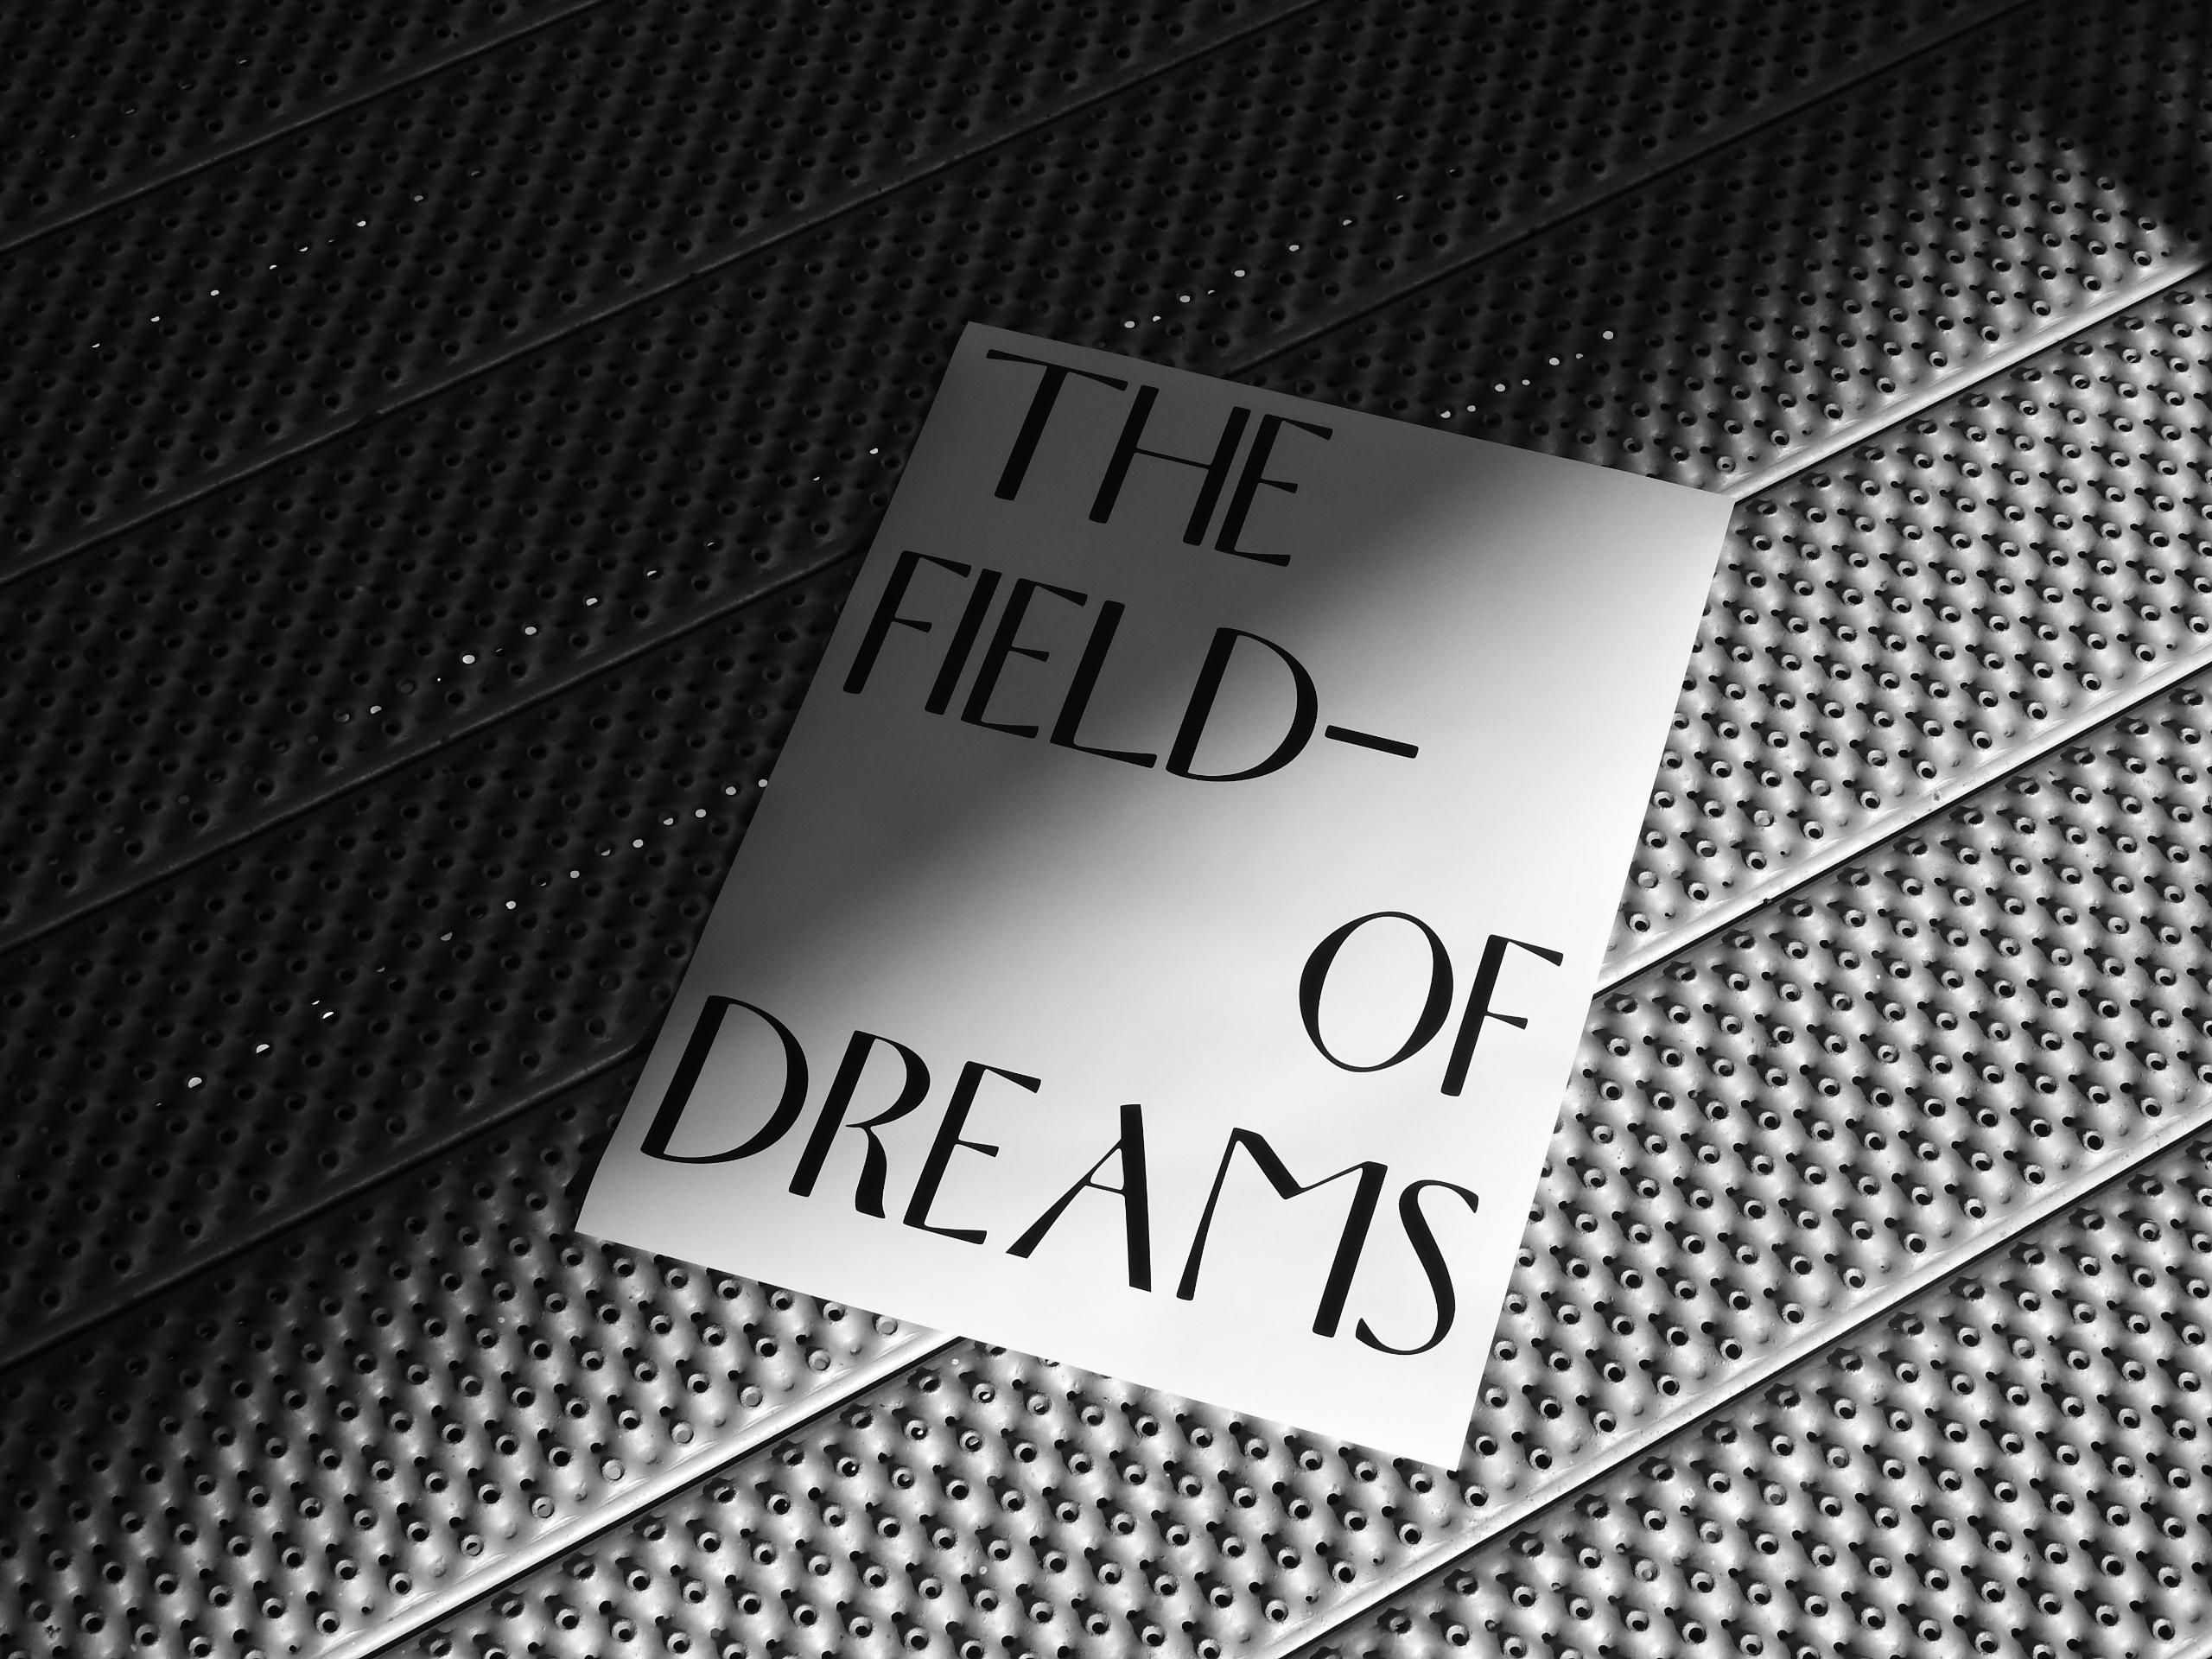 FIELD DREAMS - Dreams, Poster, Design - sammearns | ello